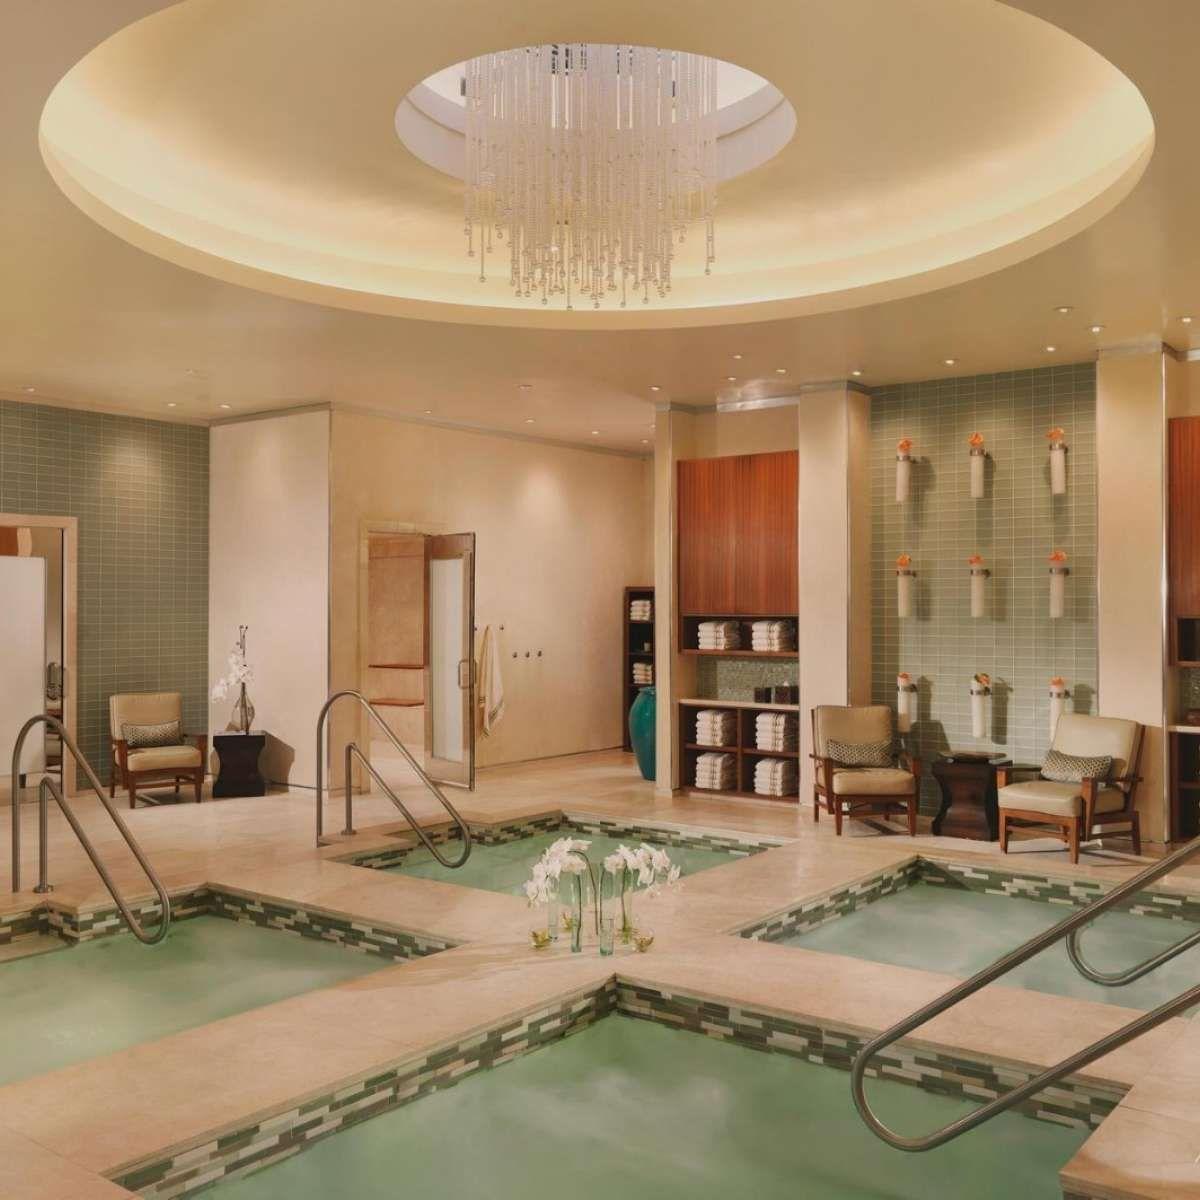 Salon spa fitness center bellagio hotel casino day for Salon spa